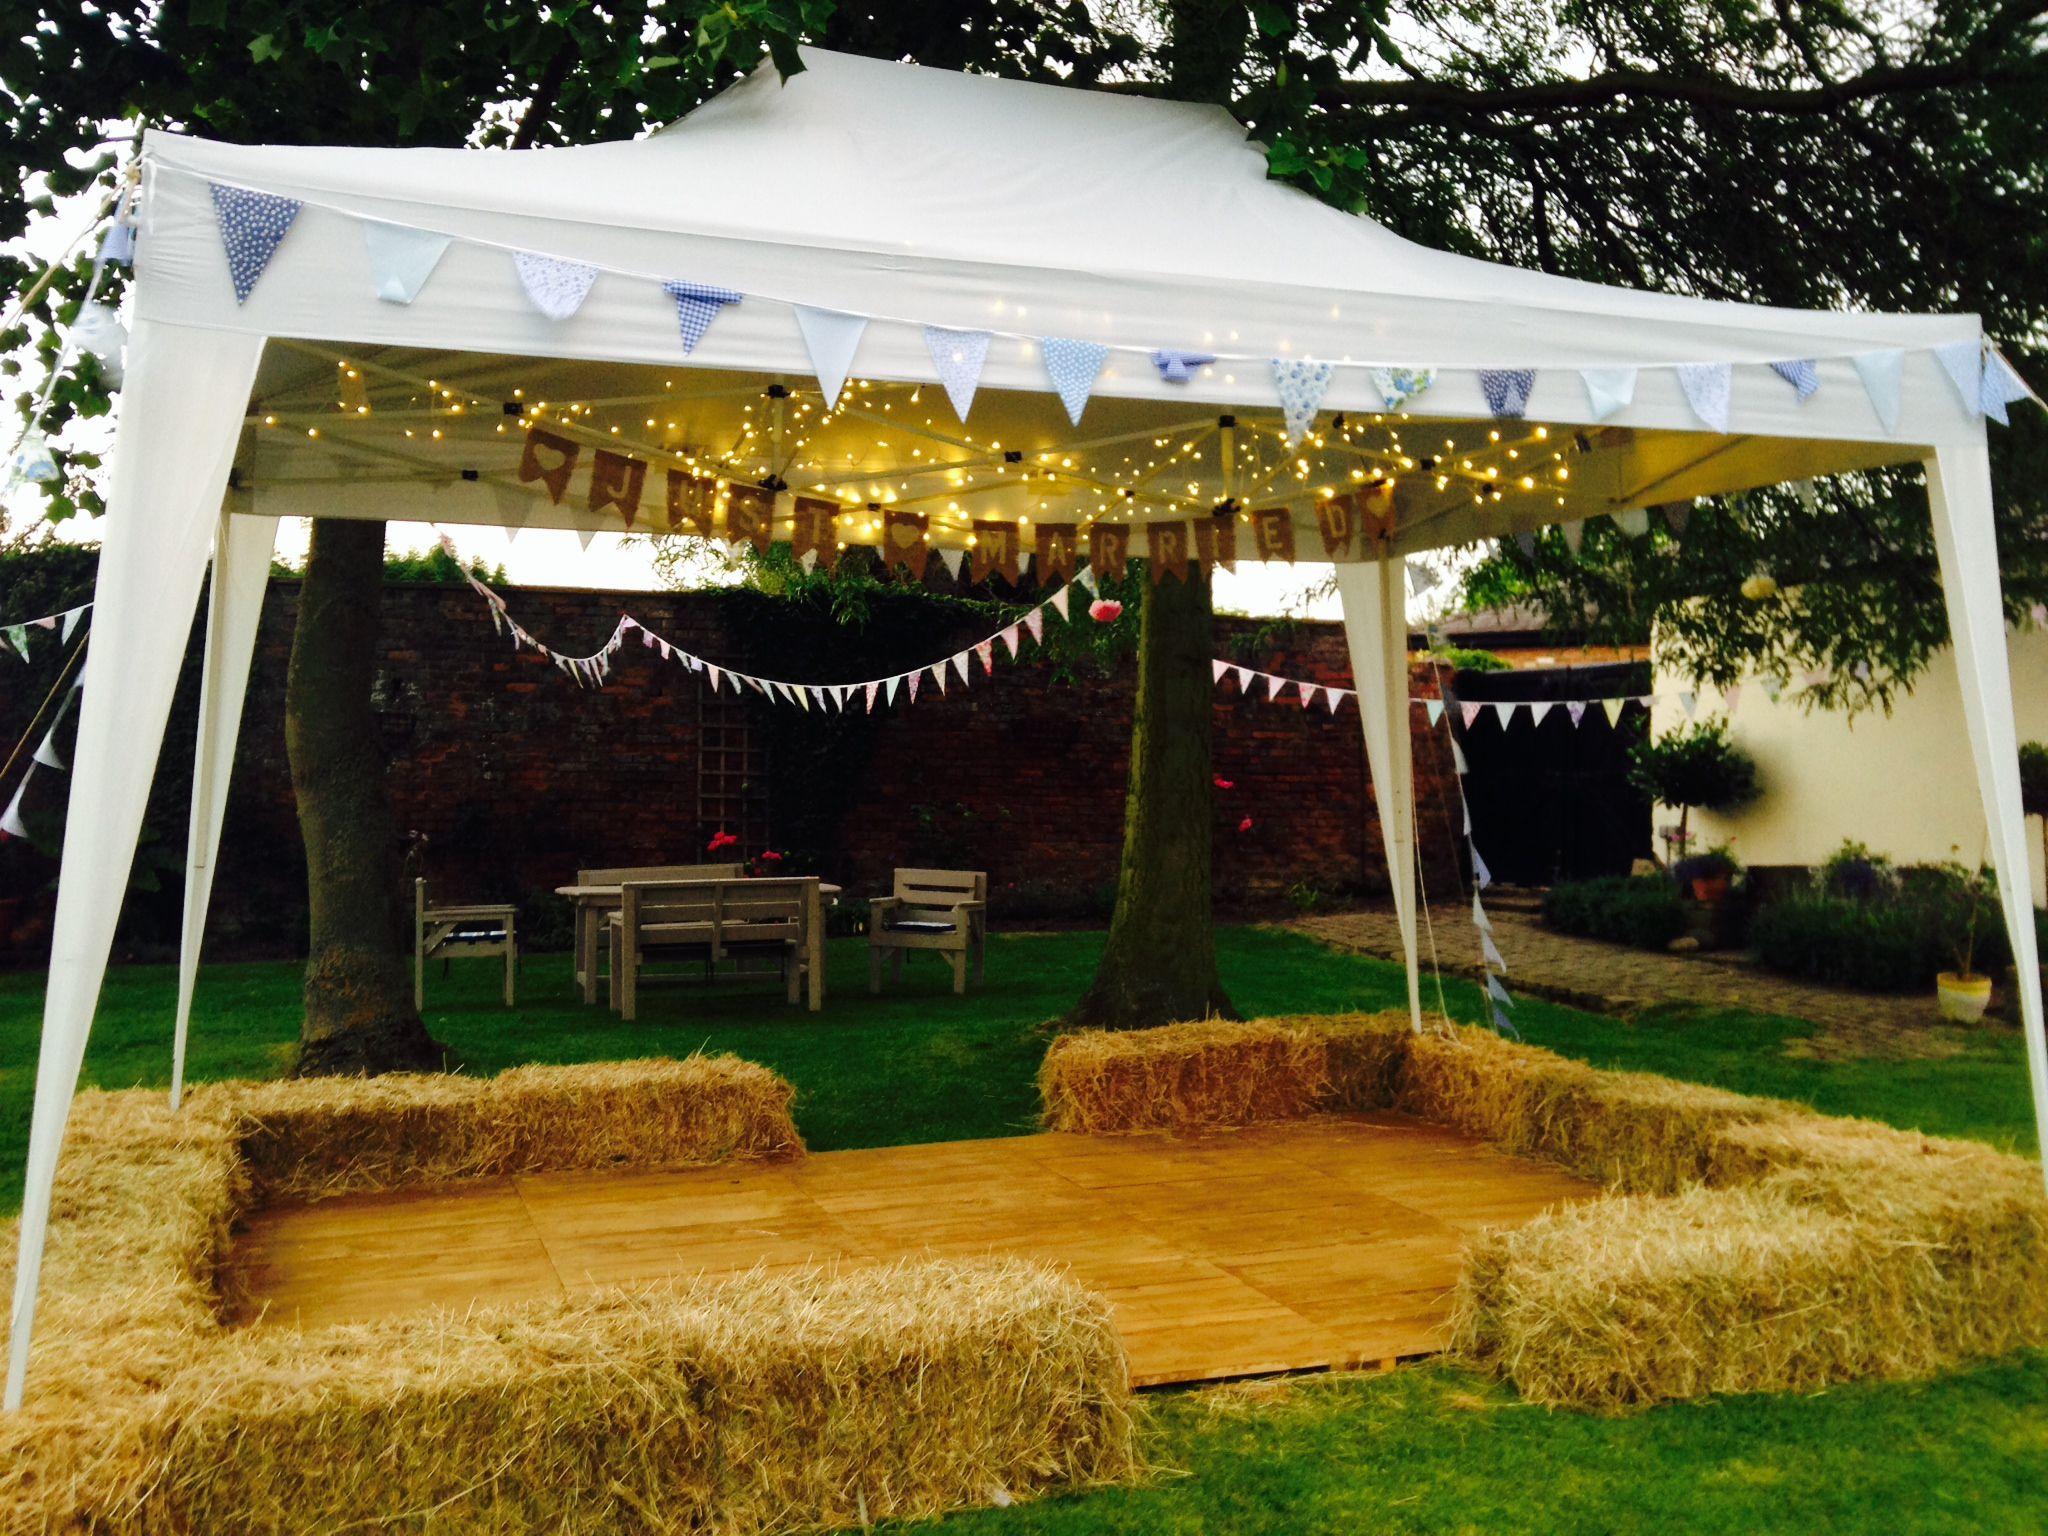 Dance Floor Hire Rustic Garden Party Dance Floor Wedding Summer Garden Party